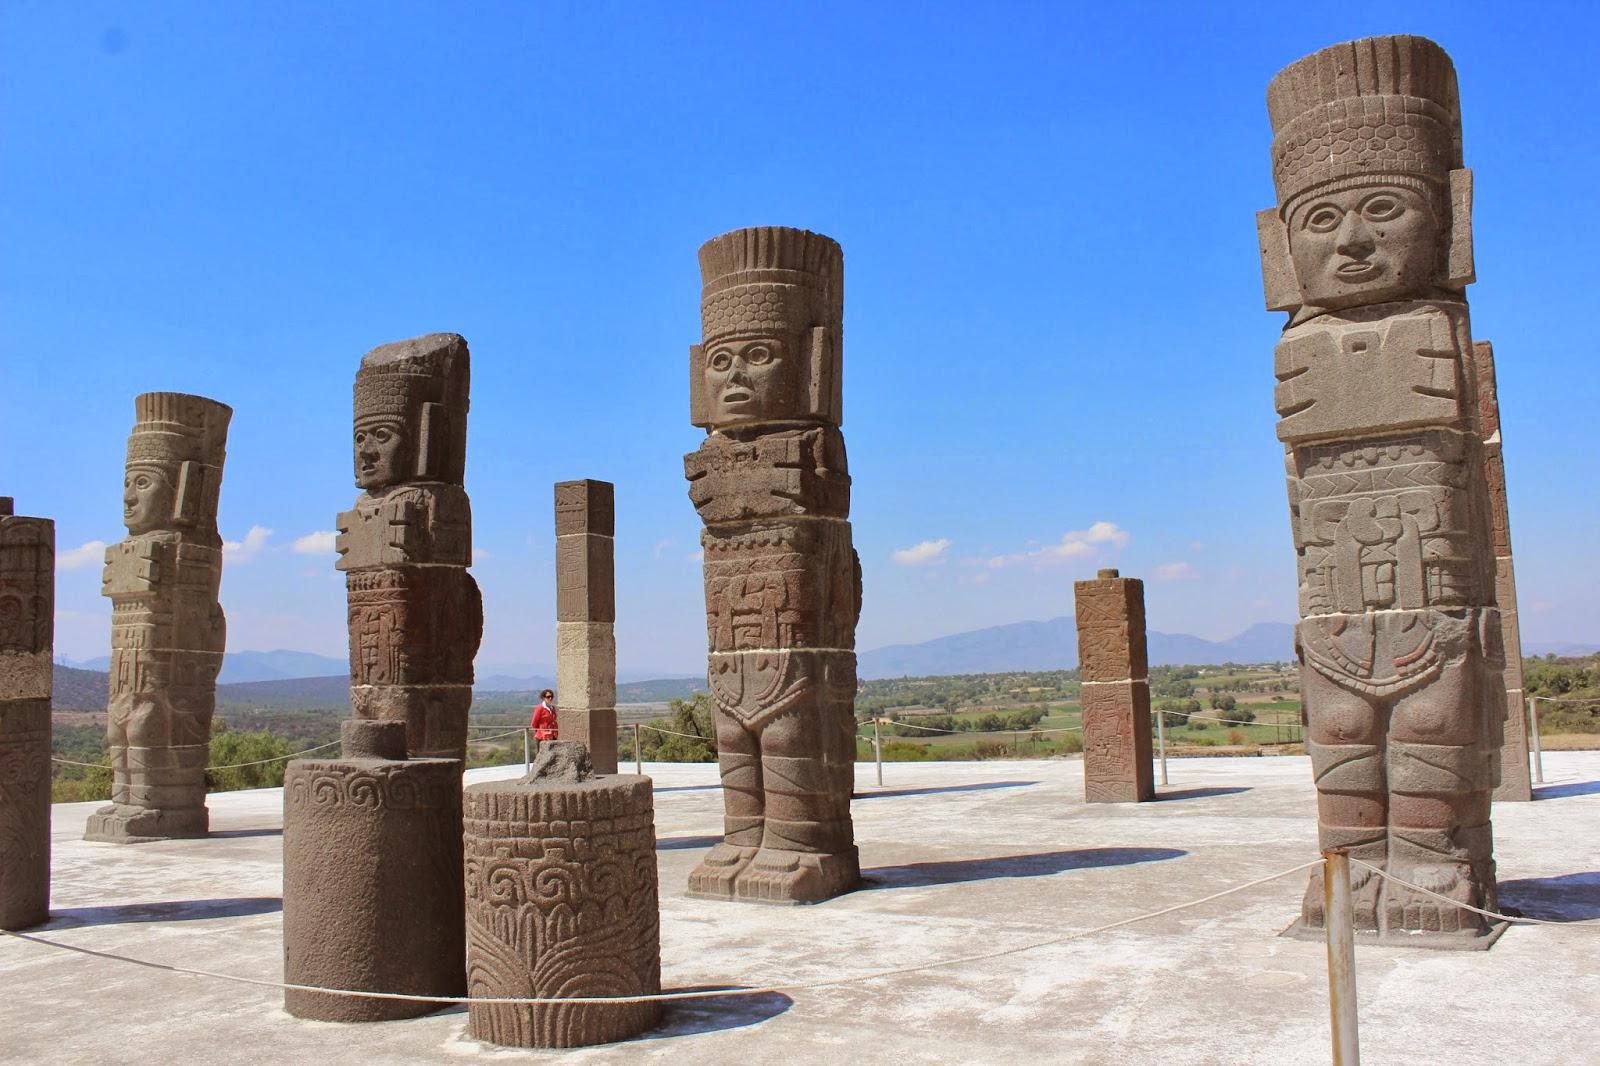 vista de los Atlantes en la zona arqueológica de Tula